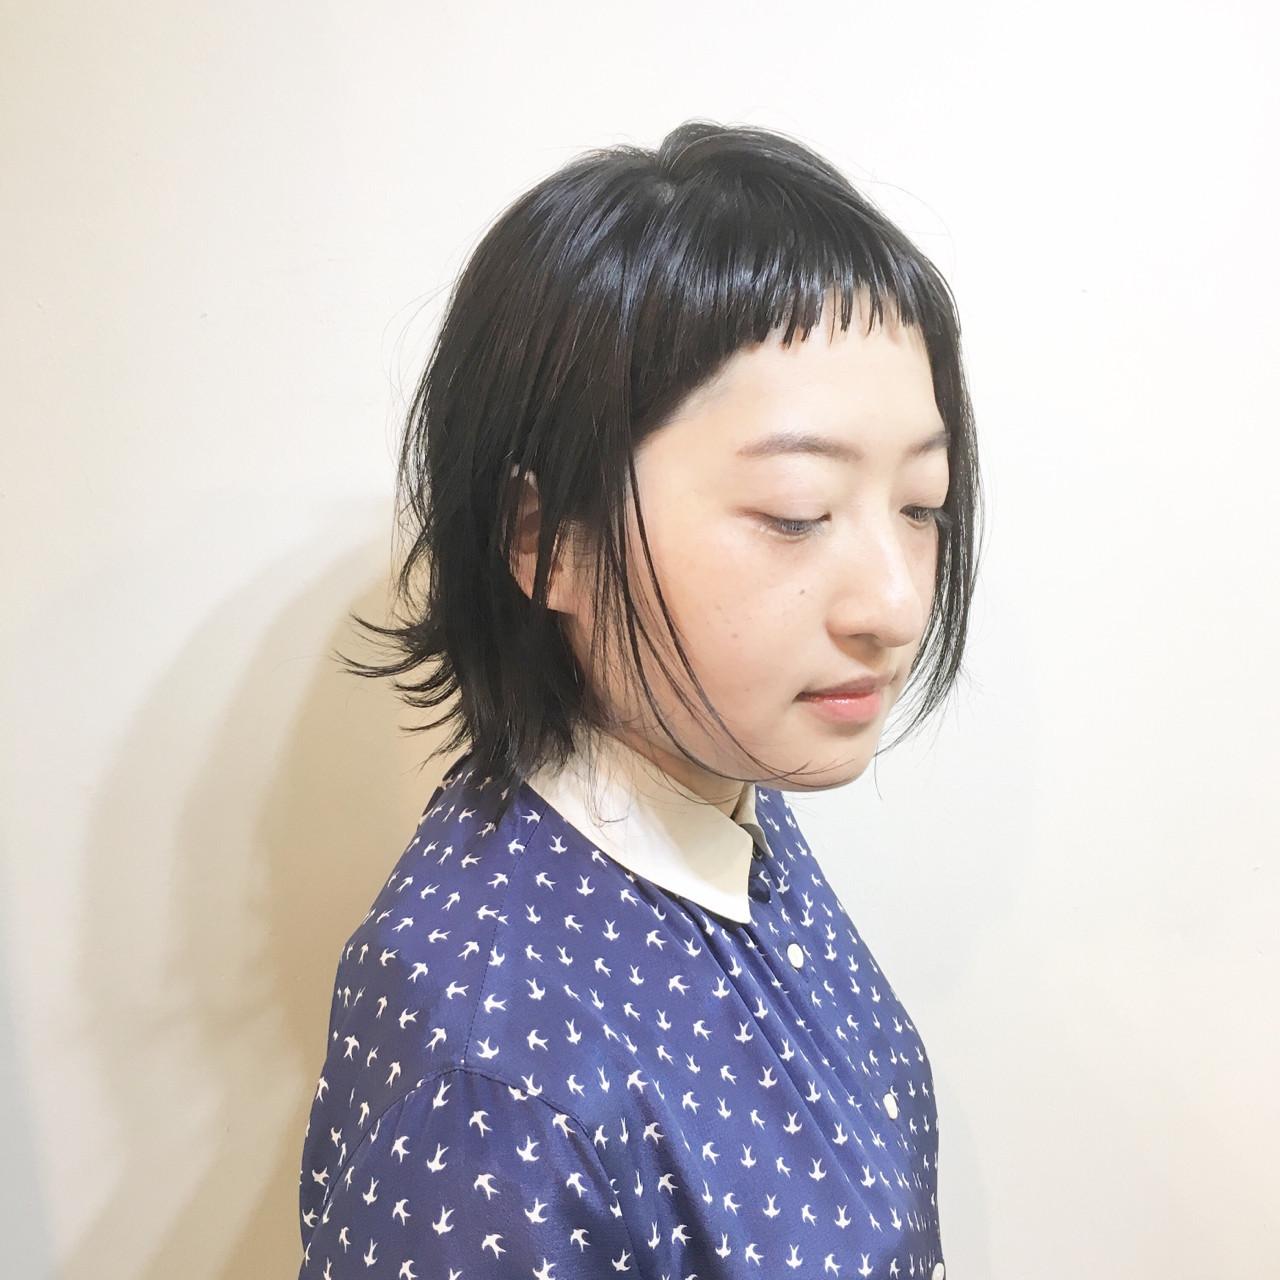 ウルフカット エアリー ナチュラル ボブ ヘアスタイルや髪型の写真・画像